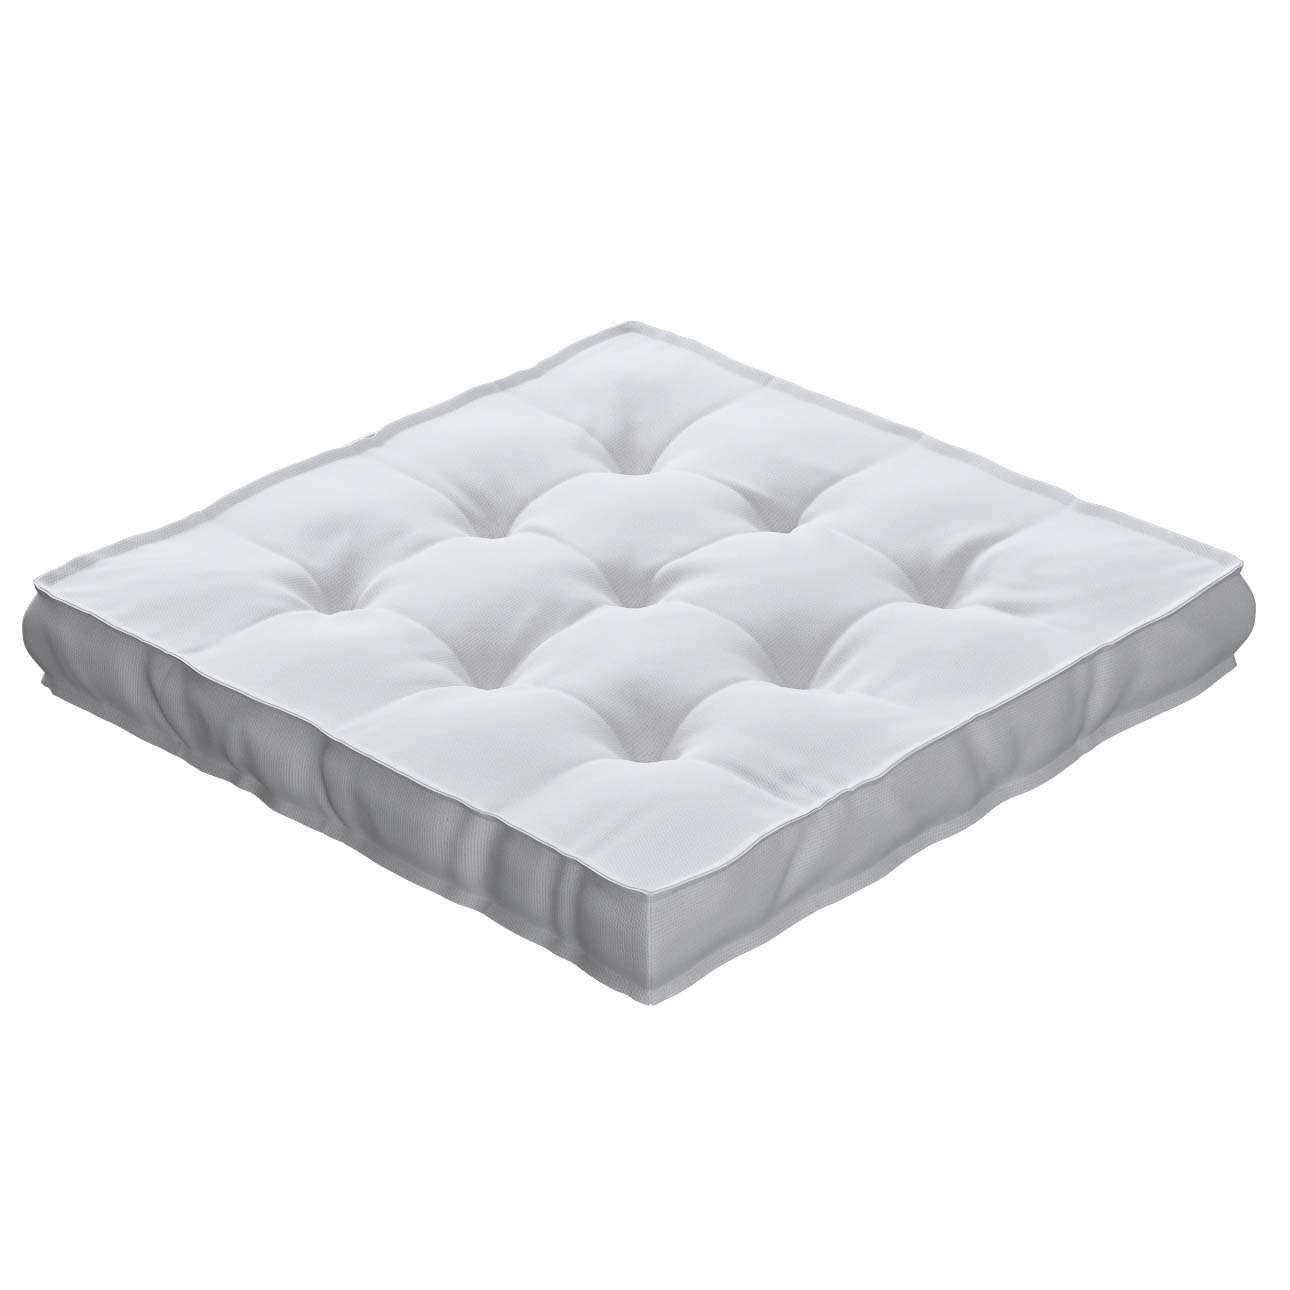 Pagalvėlė Kuba kėdei/ant grindų 40 x 40 x 6 cm kolekcijoje Loneta , audinys: 133-02